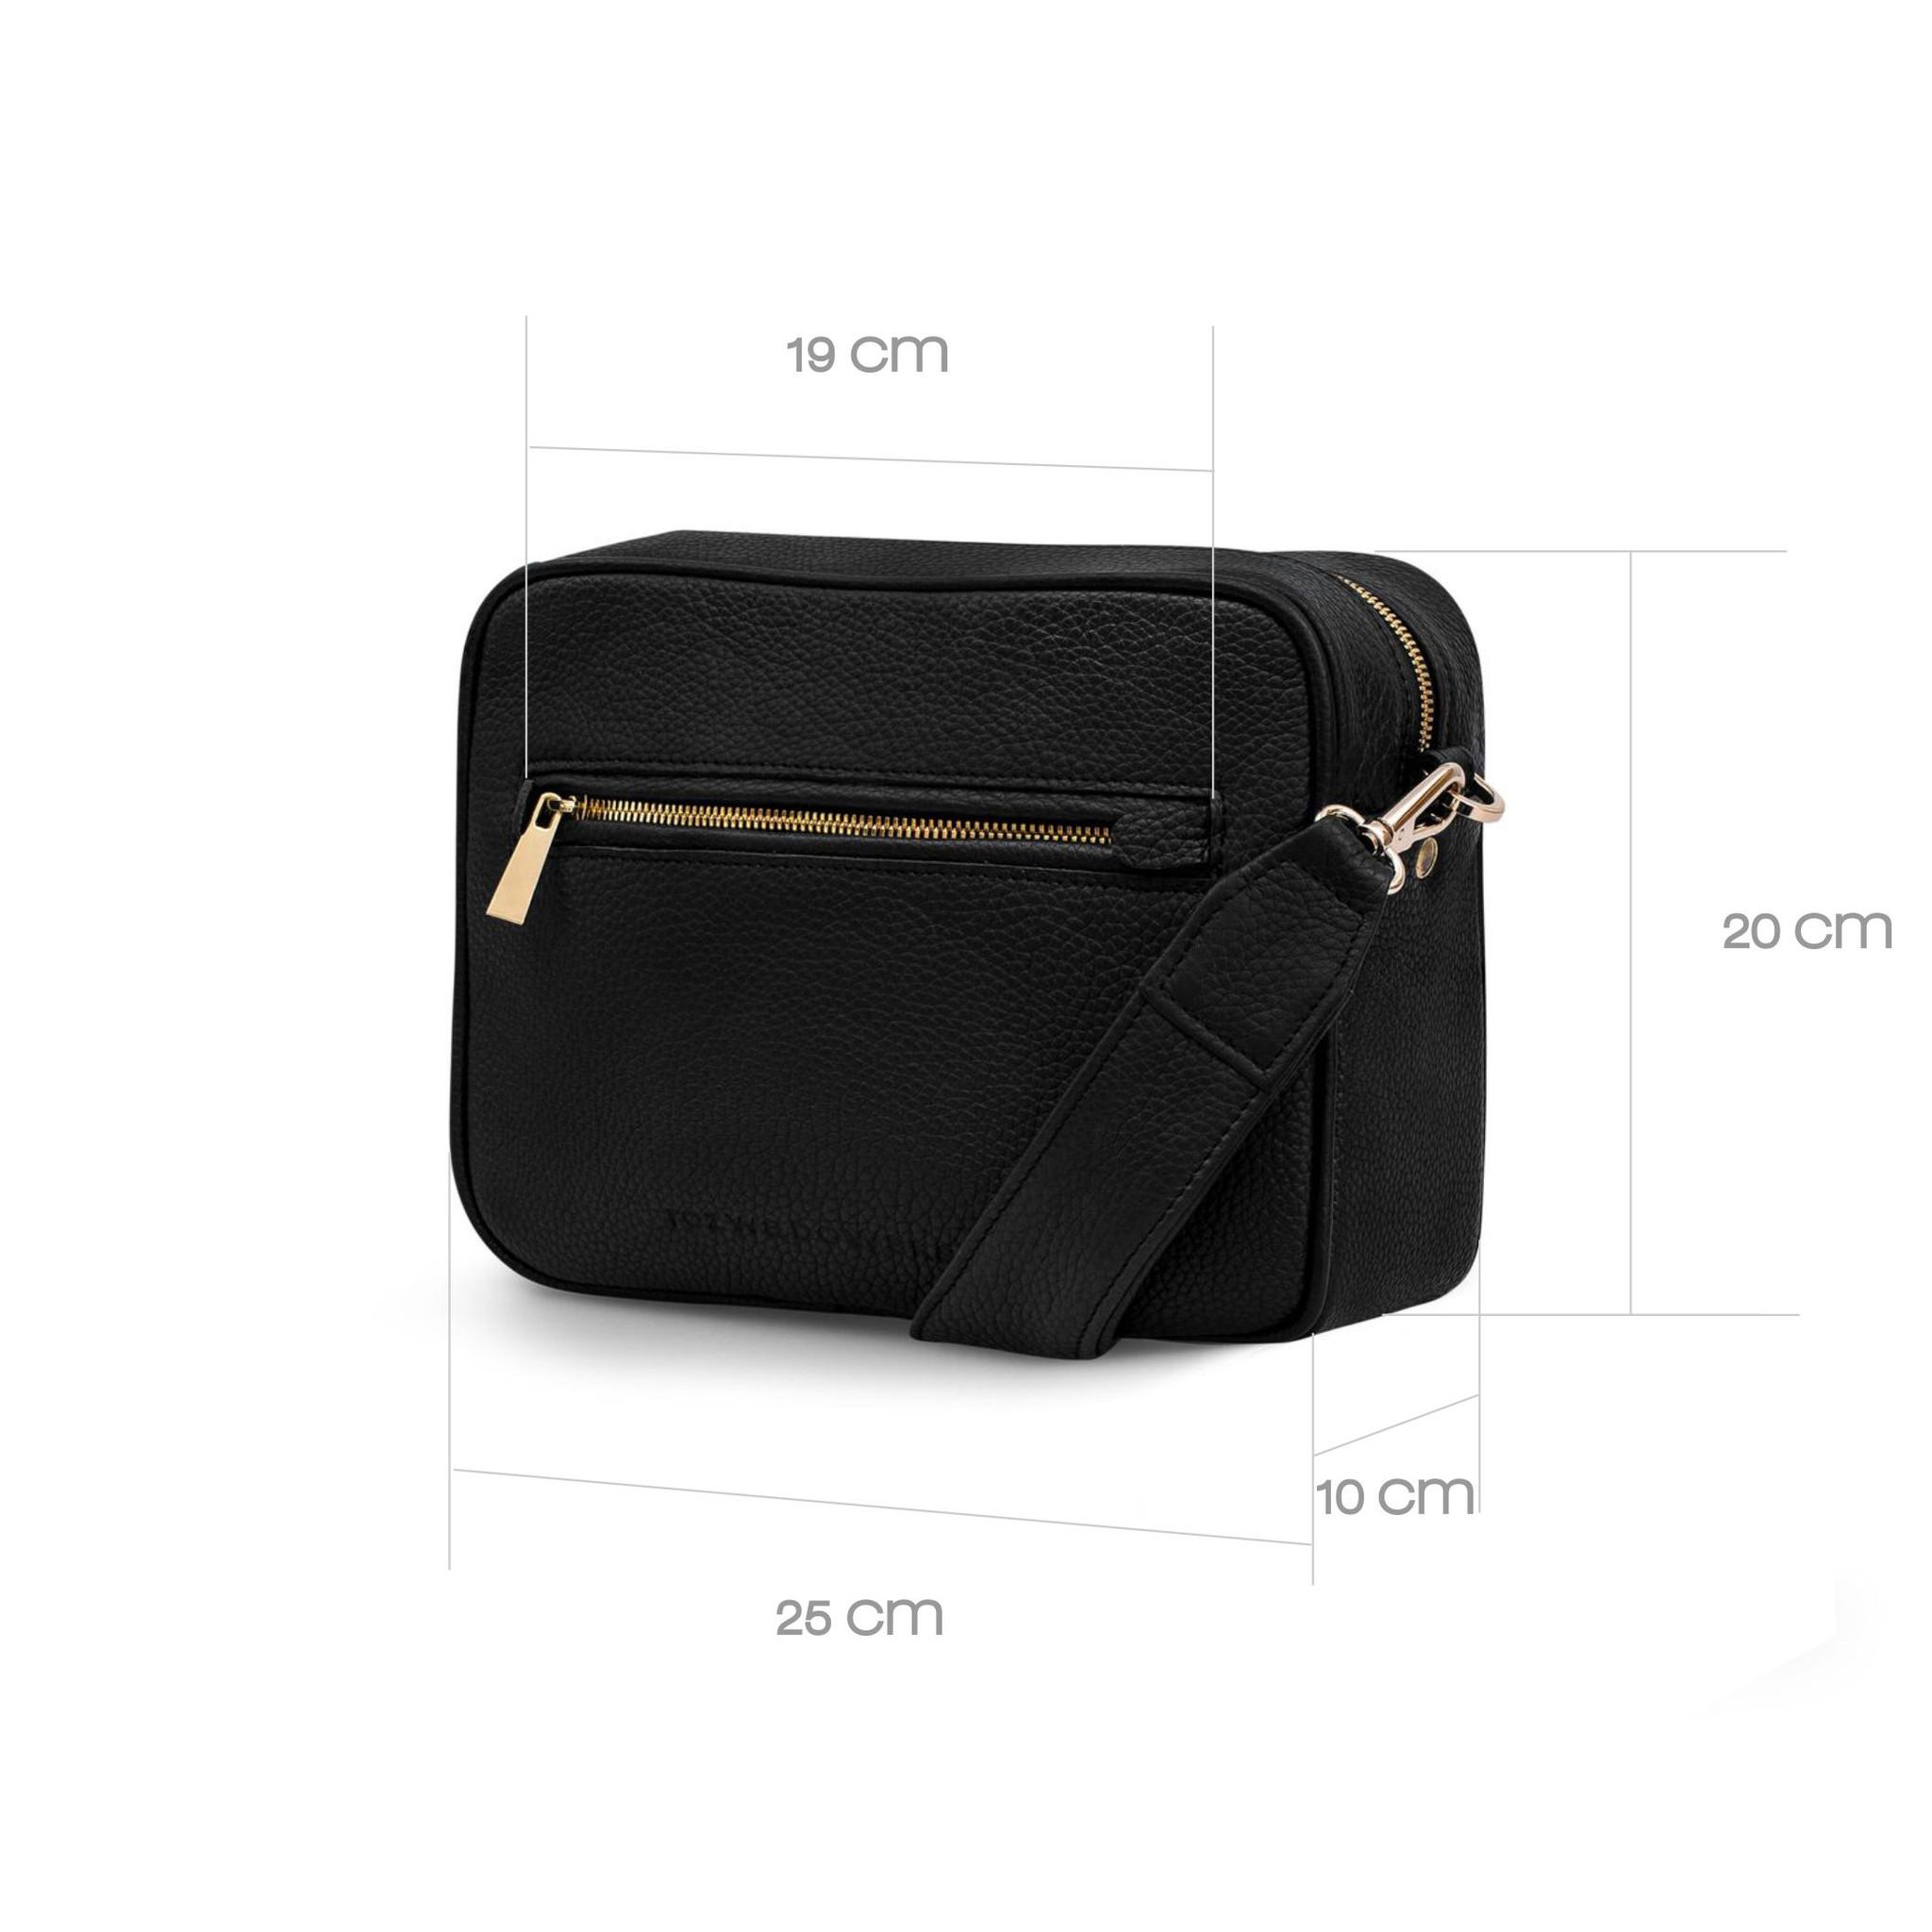 Czarna torebka ze BOXY BAG BLACK - Rozwadowska Bags | JestemSlow.pl